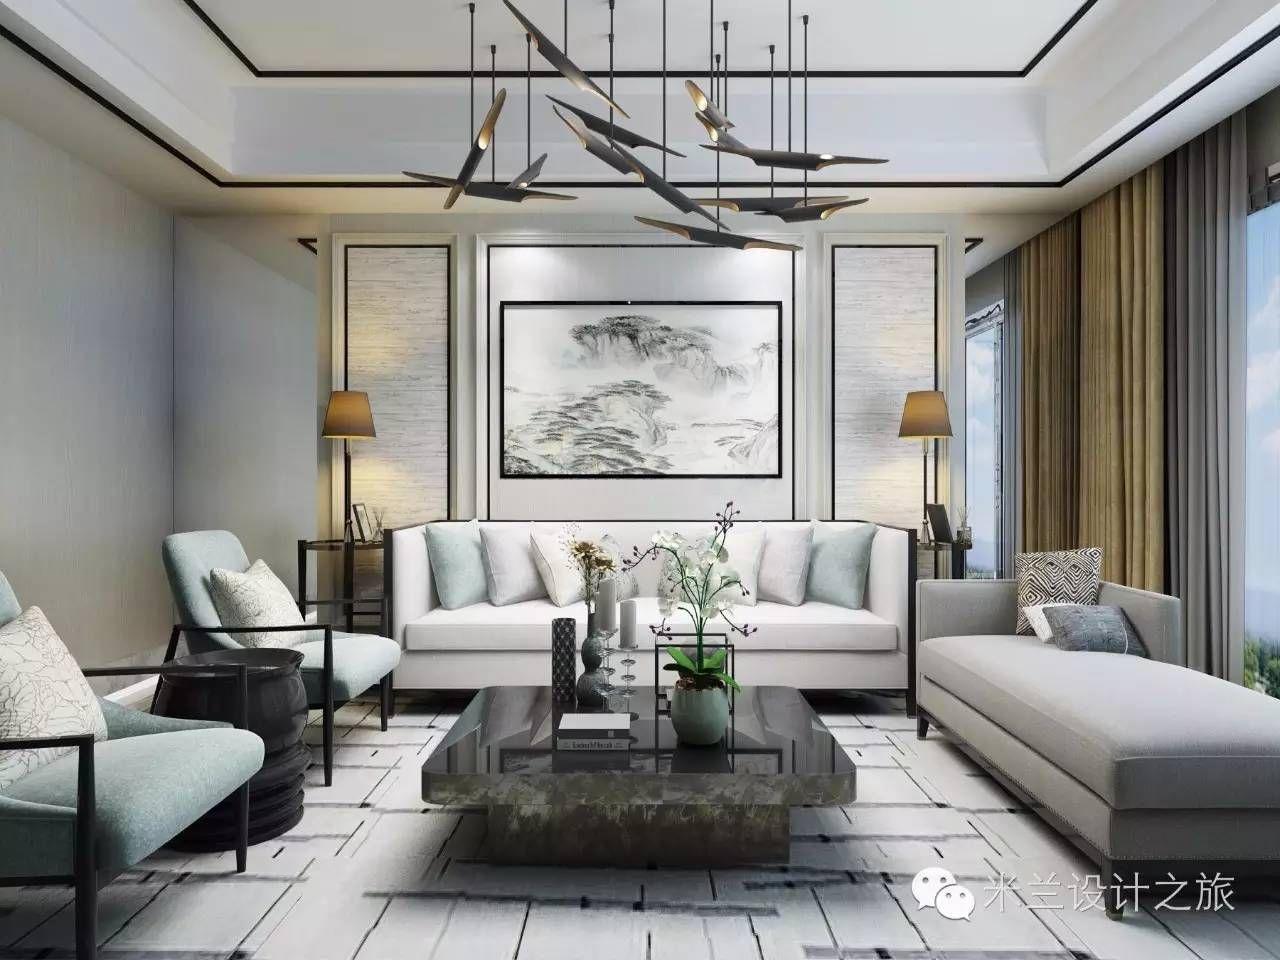 新中式家具组合,轻装逆袭! | 中式家居 | Pinterest | Wohnideen und Wohnen